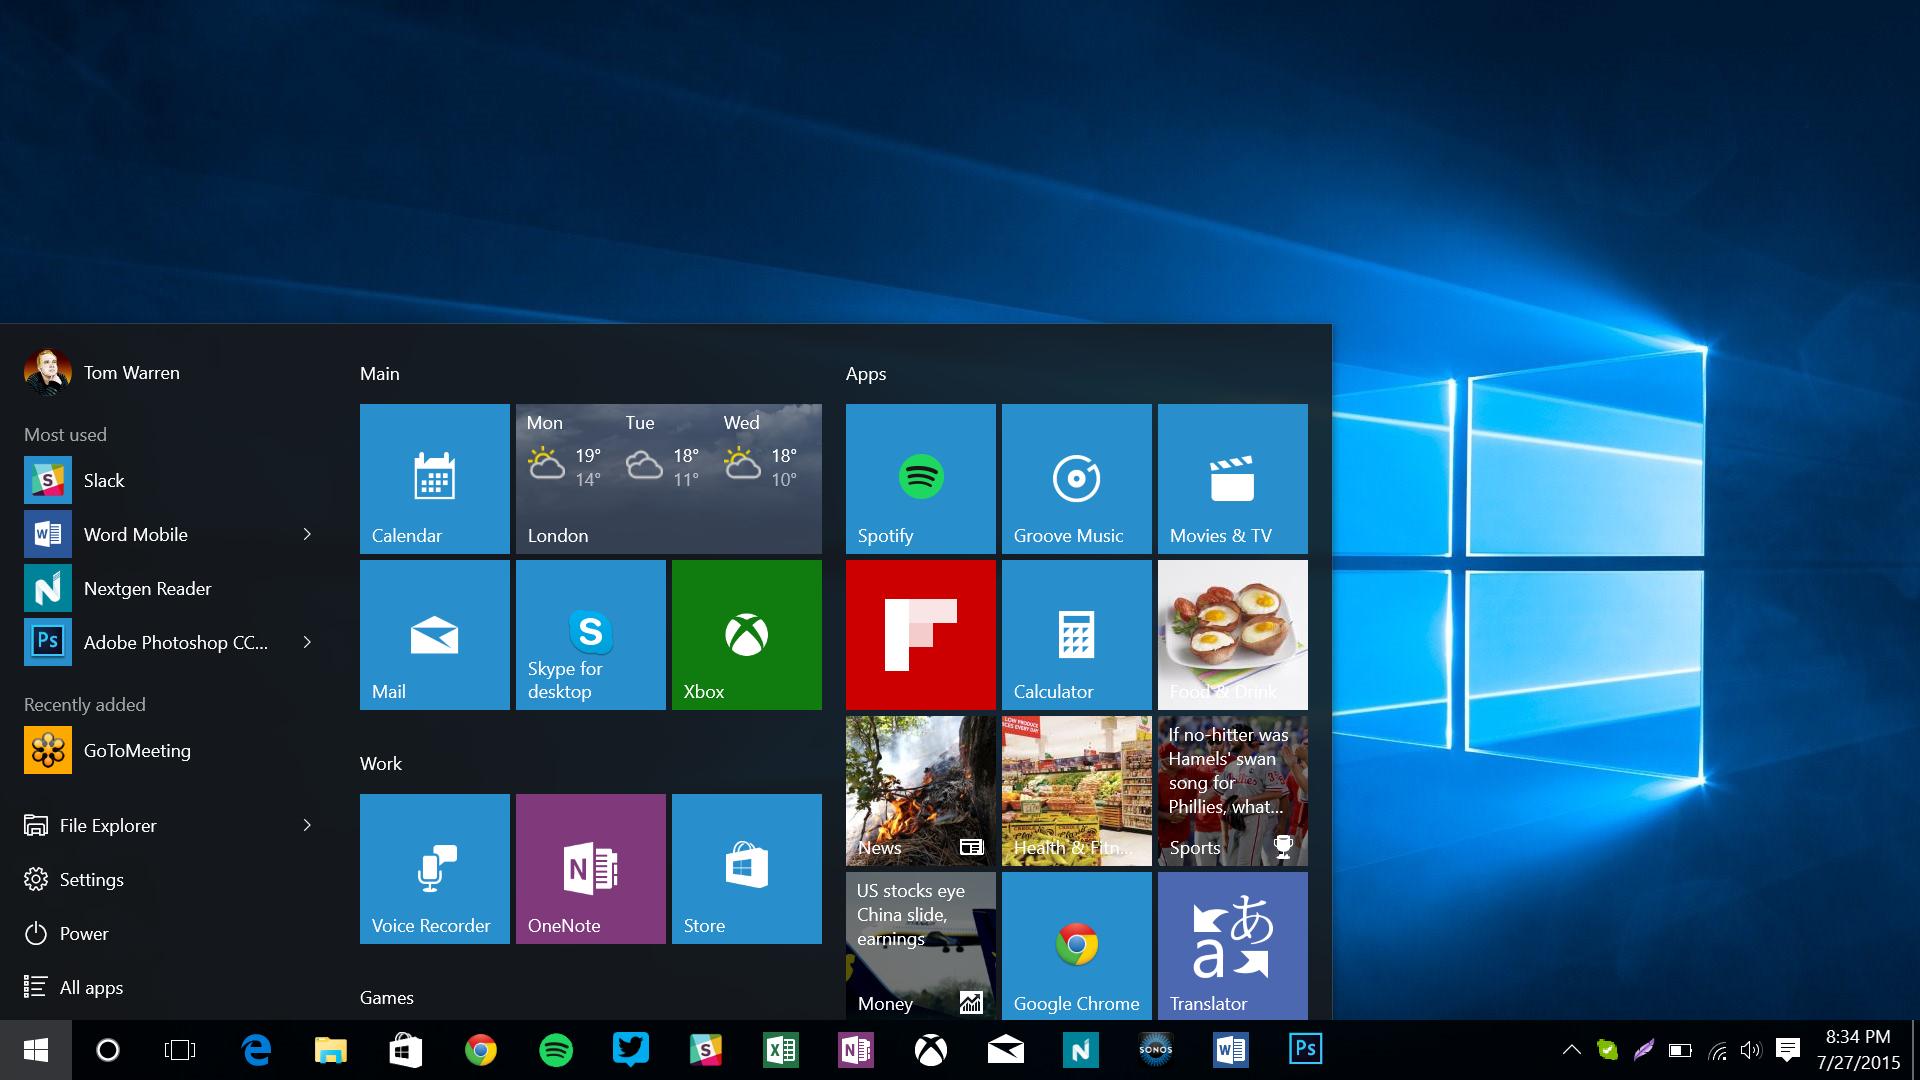 Microsoft Признала что многие пользователи Windows 7 и 8.1 обновились до Windows 10 по ошибке